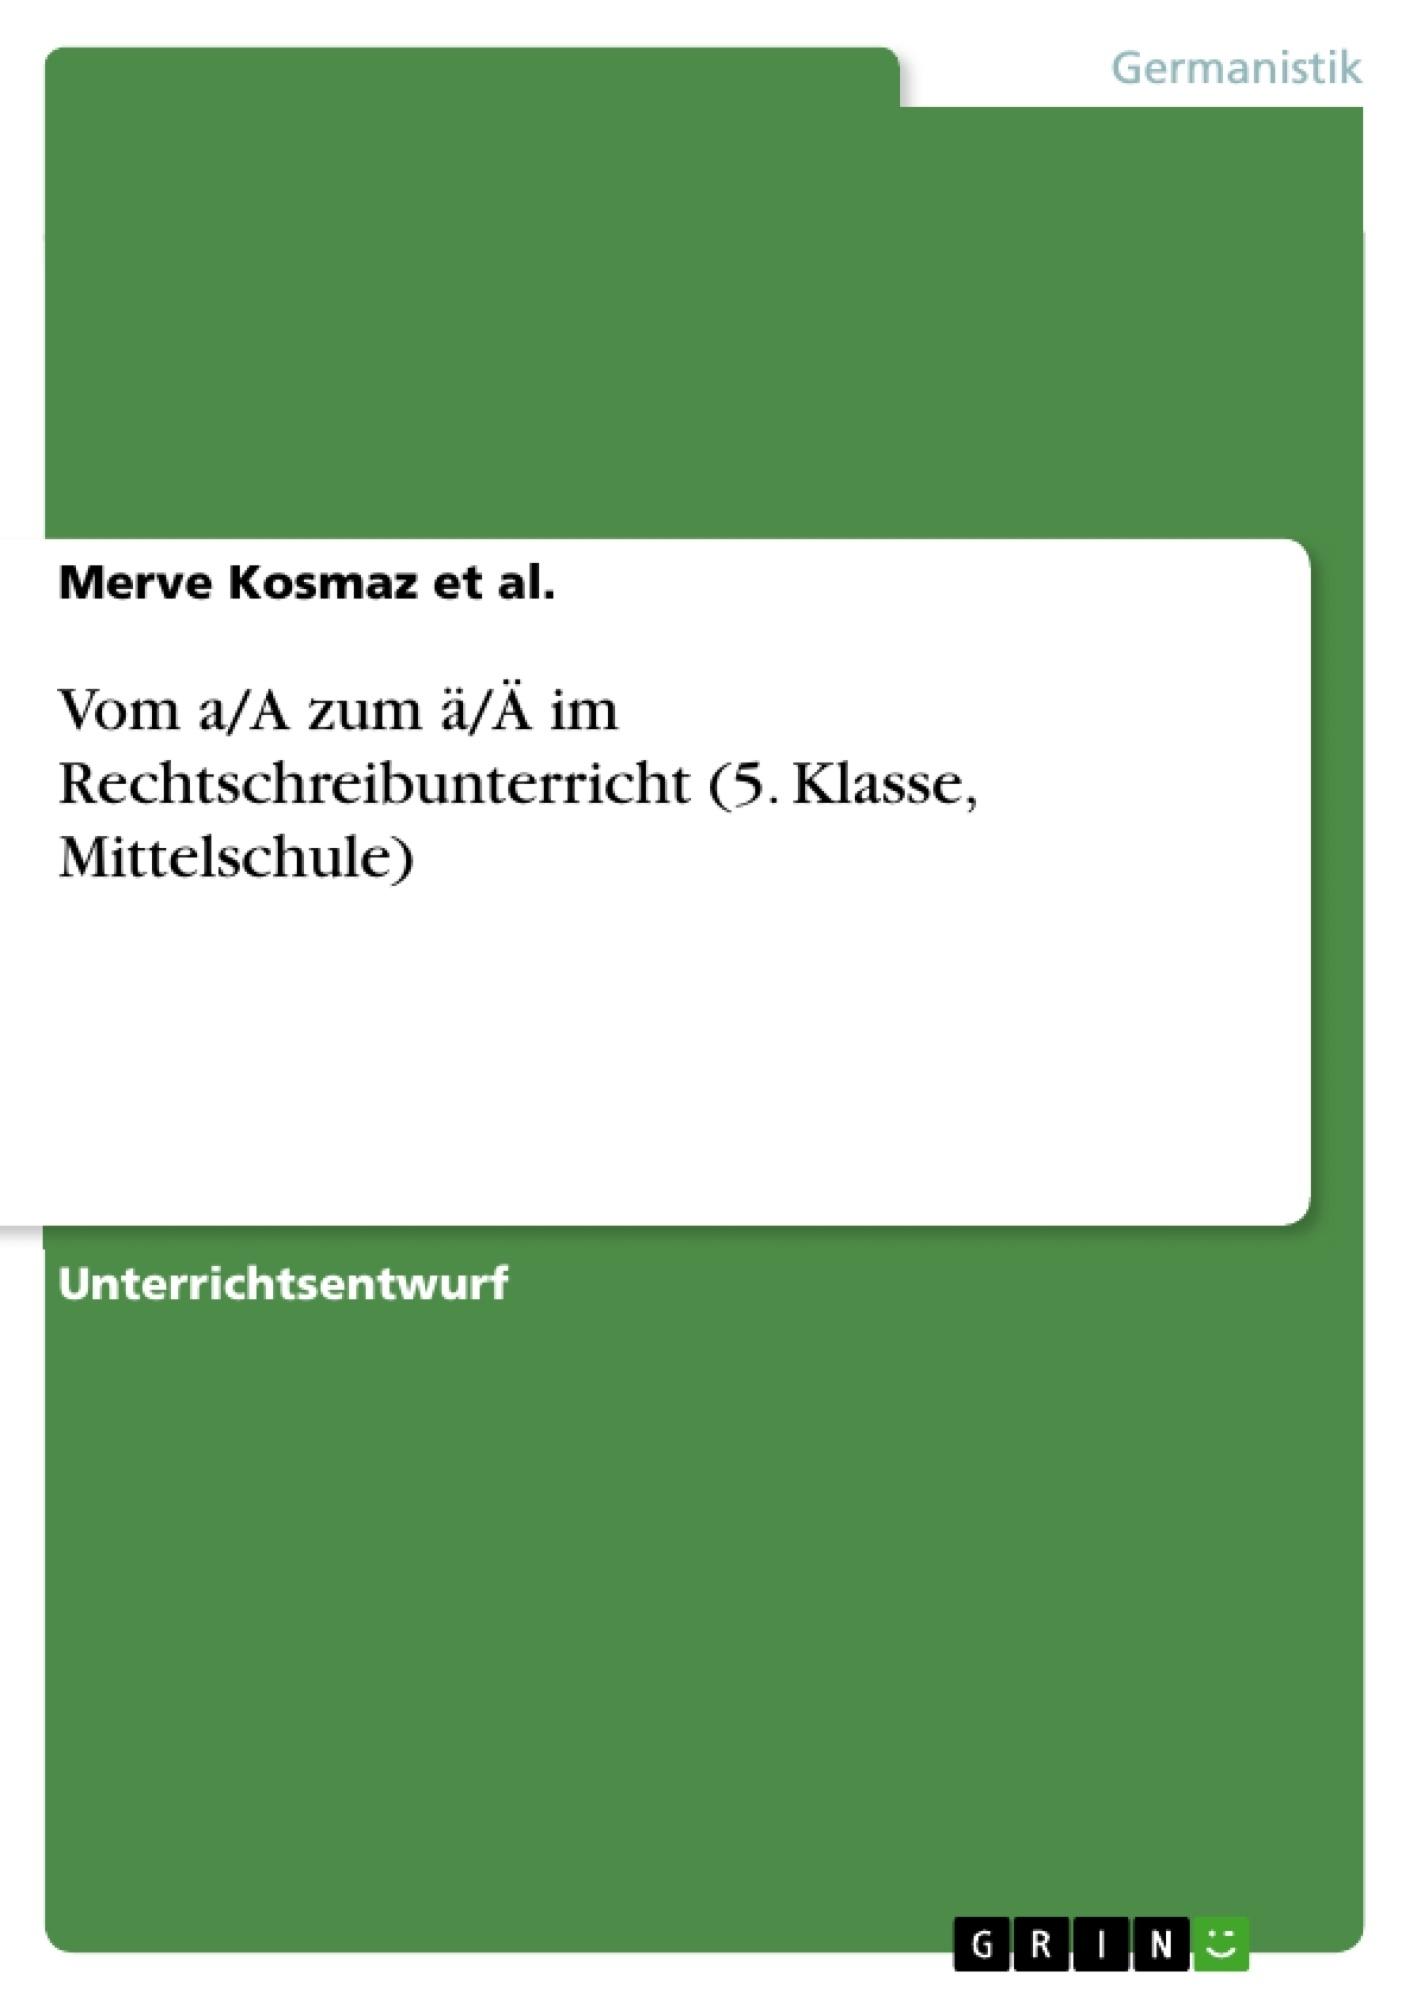 Titel: Vom a/A zum ä/Ä im Rechtschreibunterricht (5. Klasse, Mittelschule)